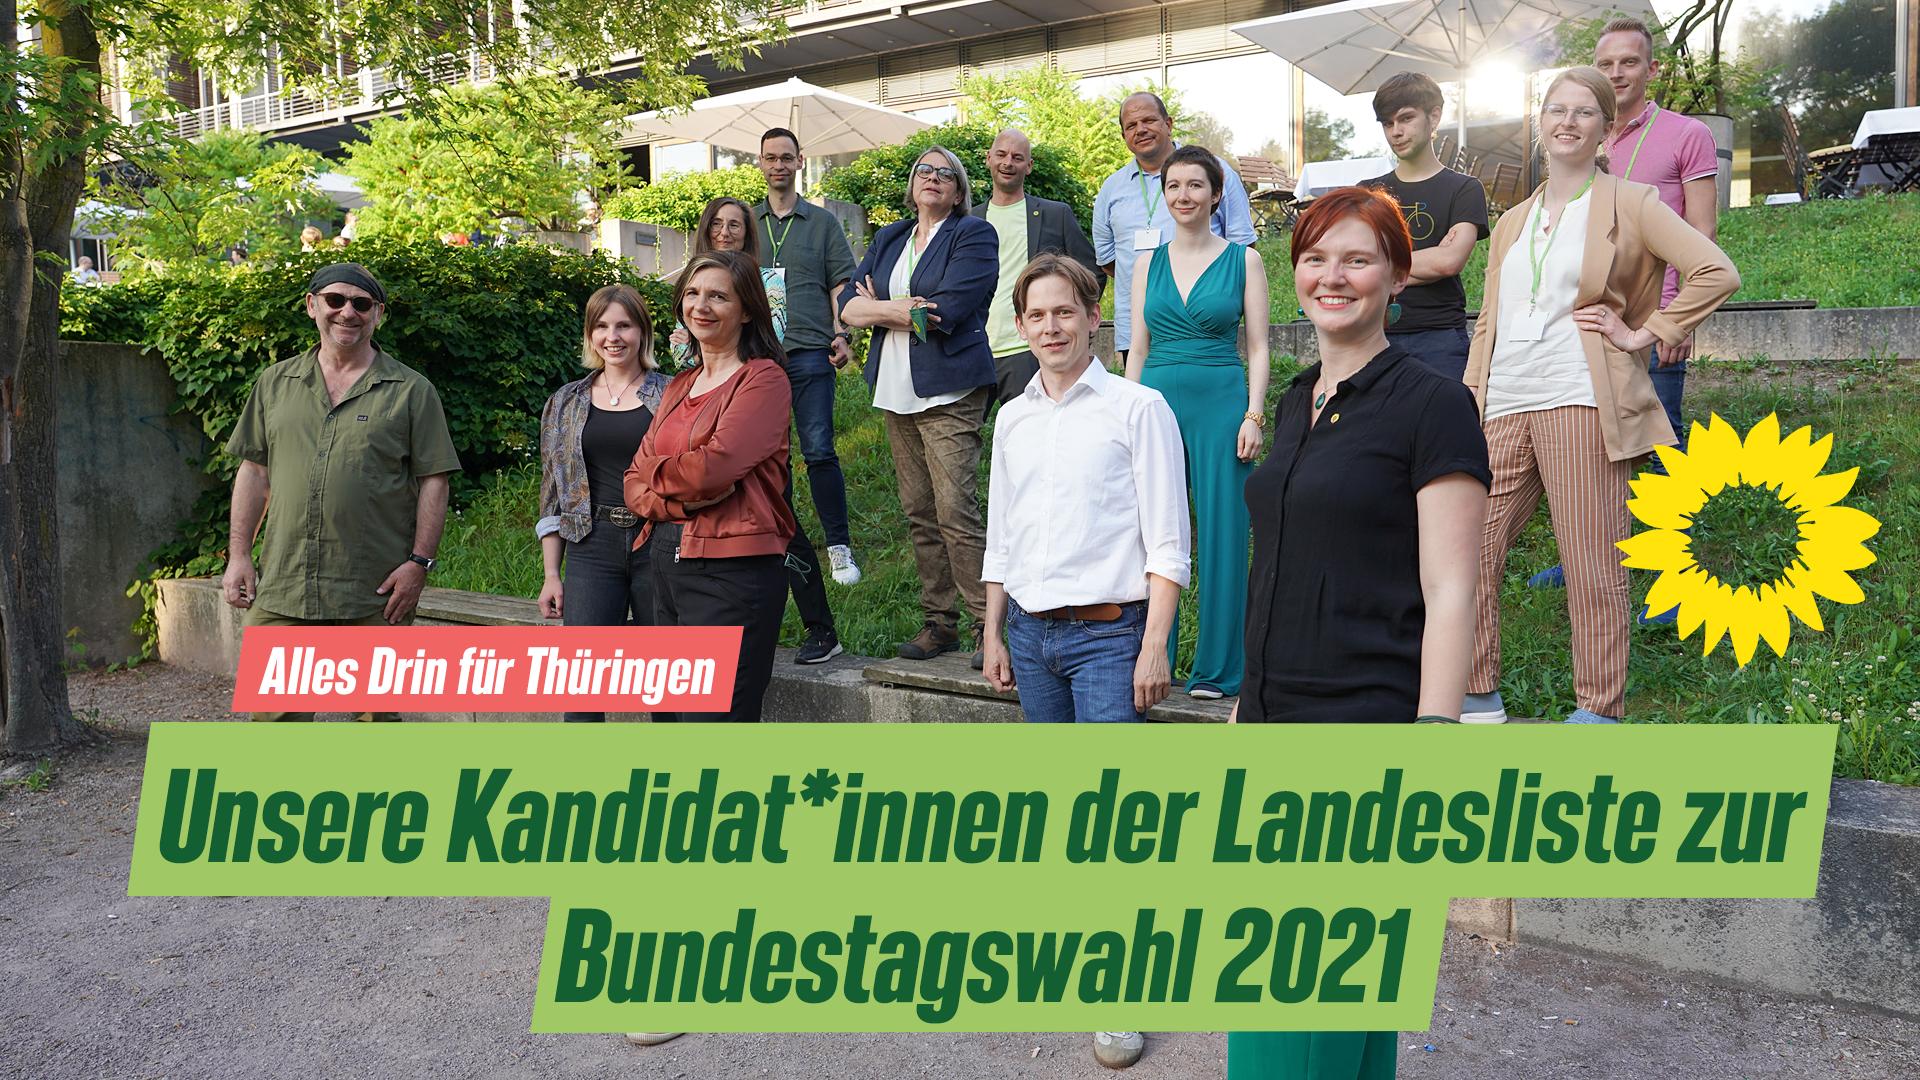 Grünen-Landesliste zur Bundestagswahl steht: #AllesDrinFürThüringen